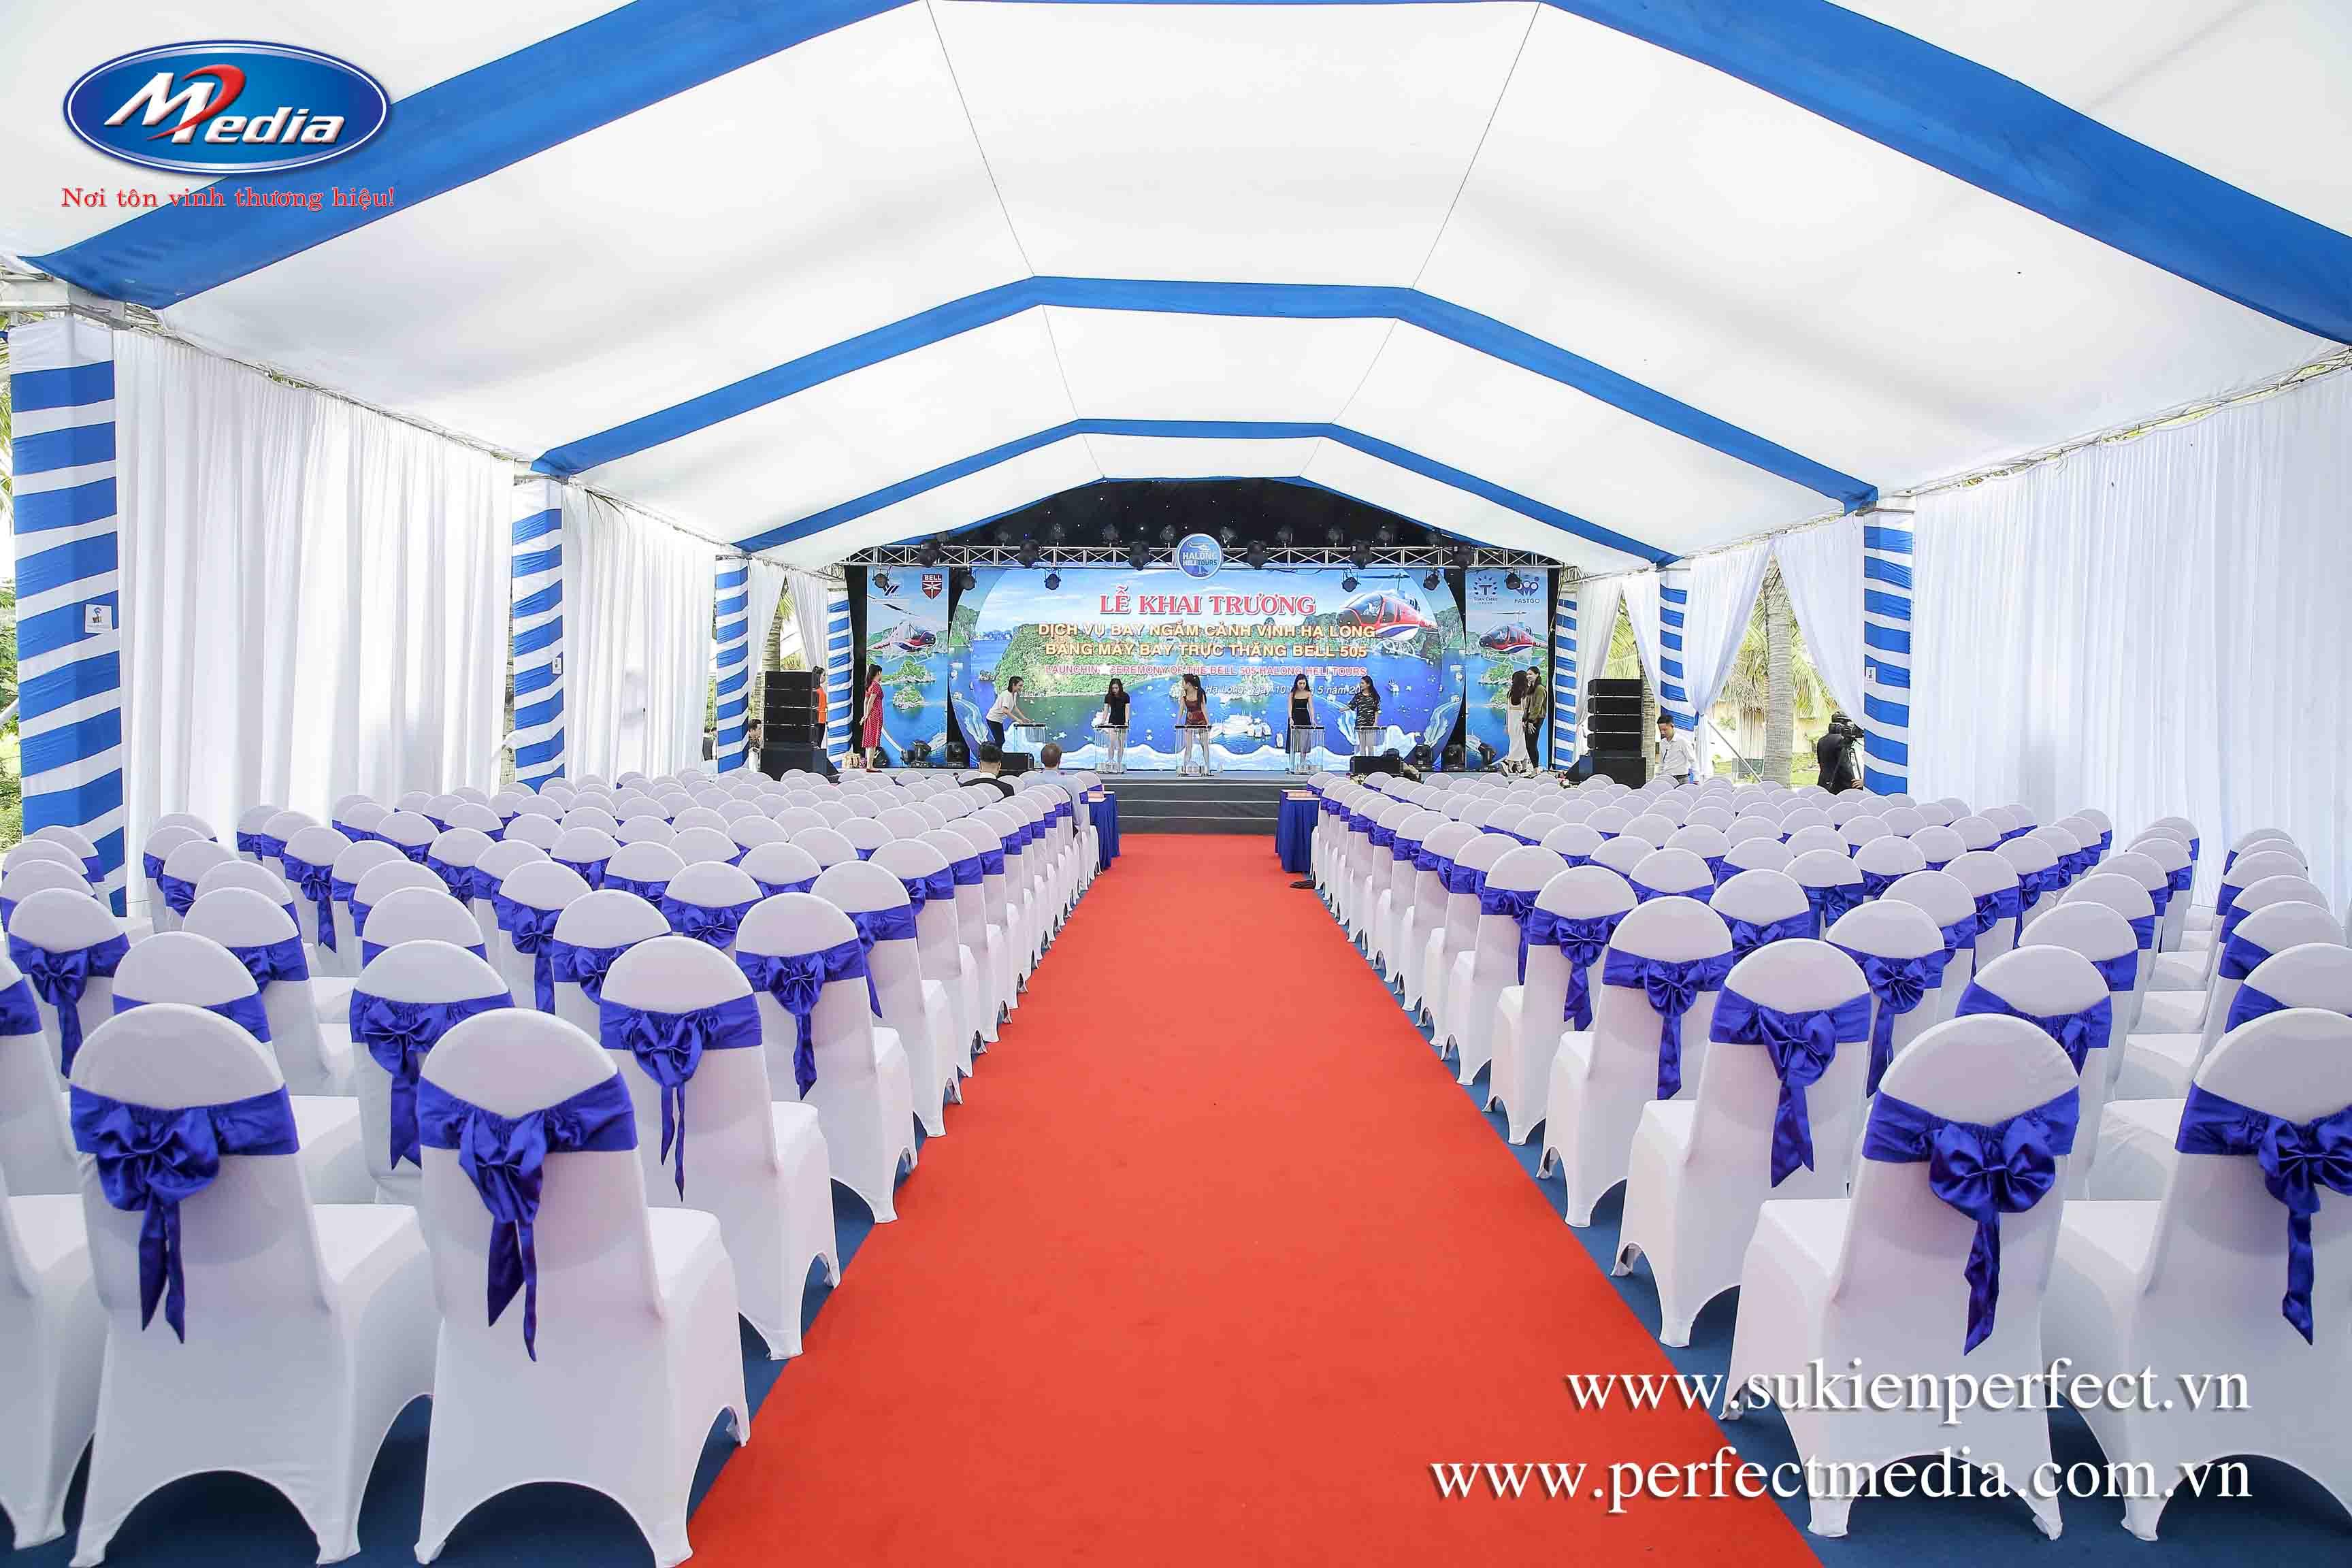 Công ty tổ chức sự kiện tại Quảng Ninh Perfect Media setup Full Khai trương Halong Heli Tours